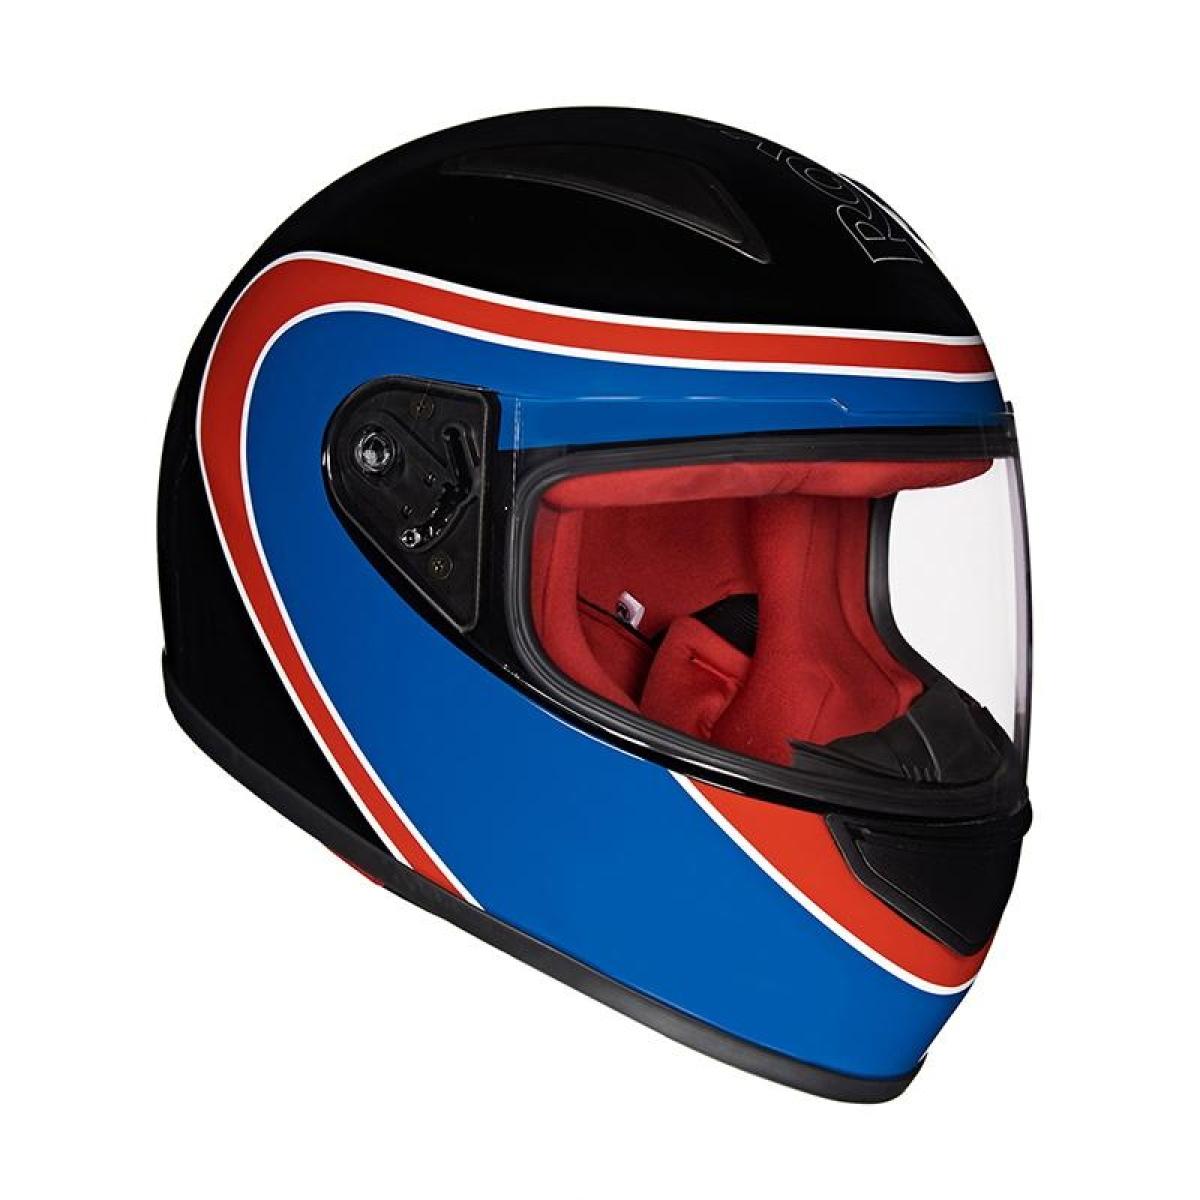 Street Prime Helmet Hairpin helmet from Royal Enfield